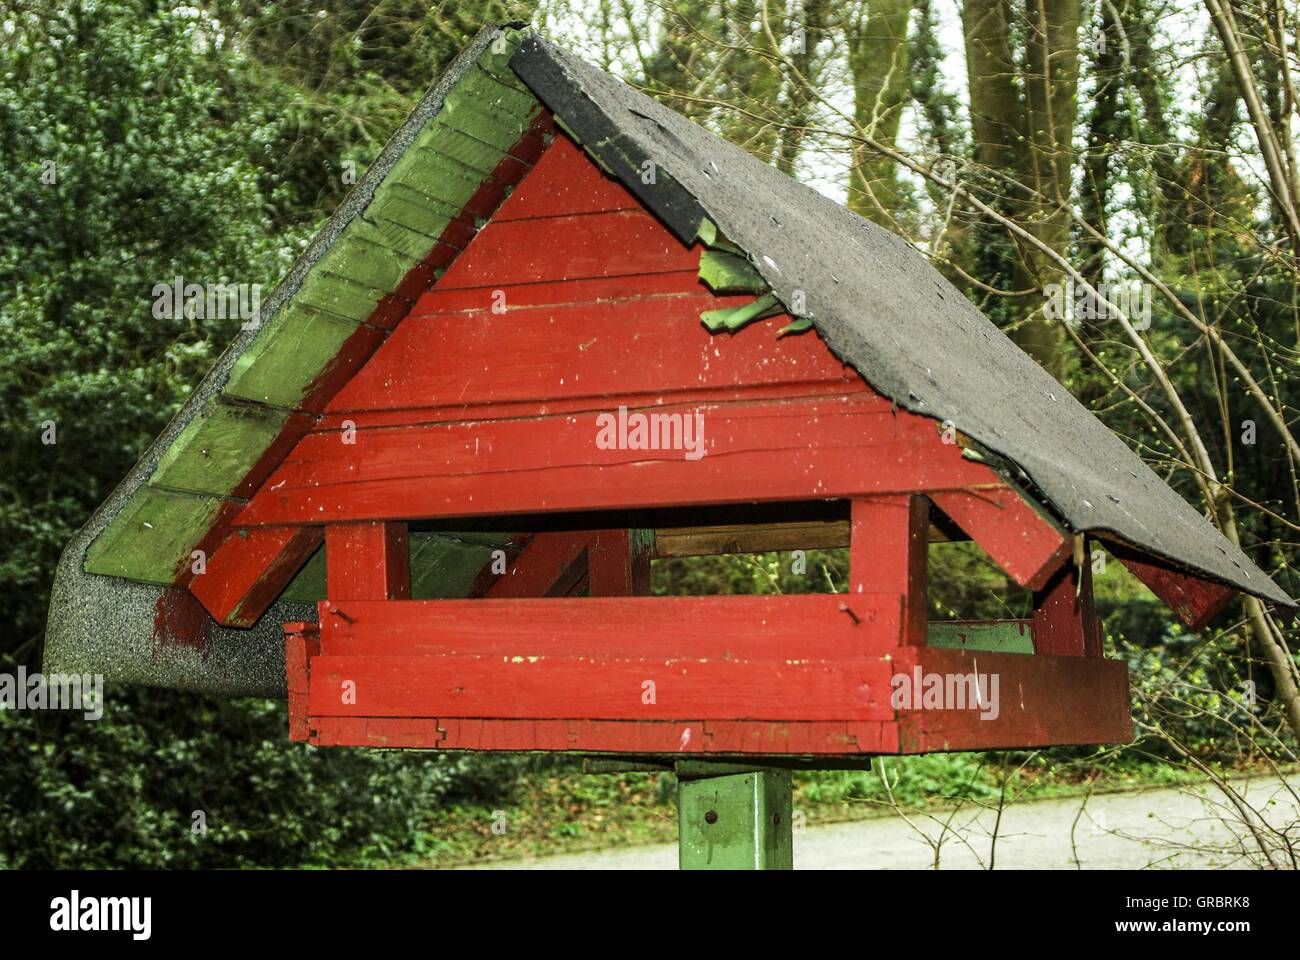 Garden, Birdhouses